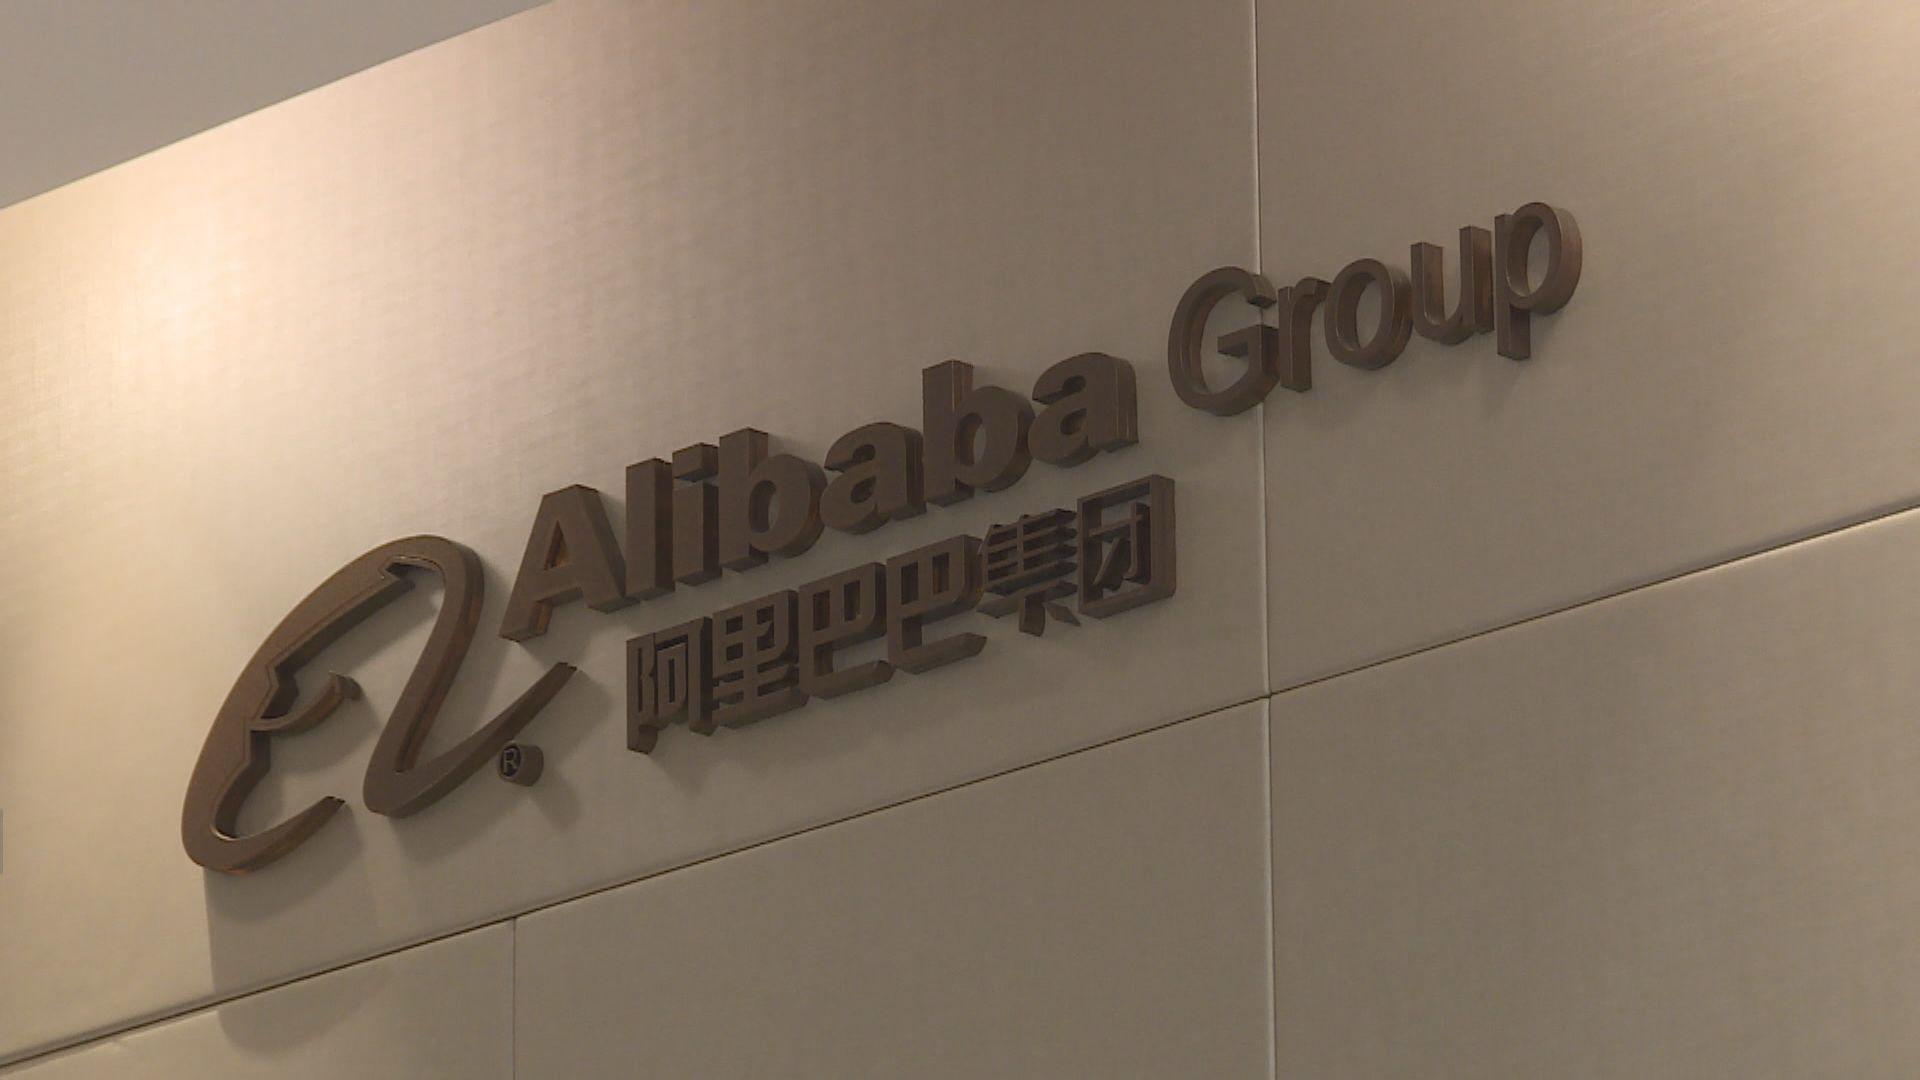 阿里巴巴壟斷行為被罰款逾182億元人民幣